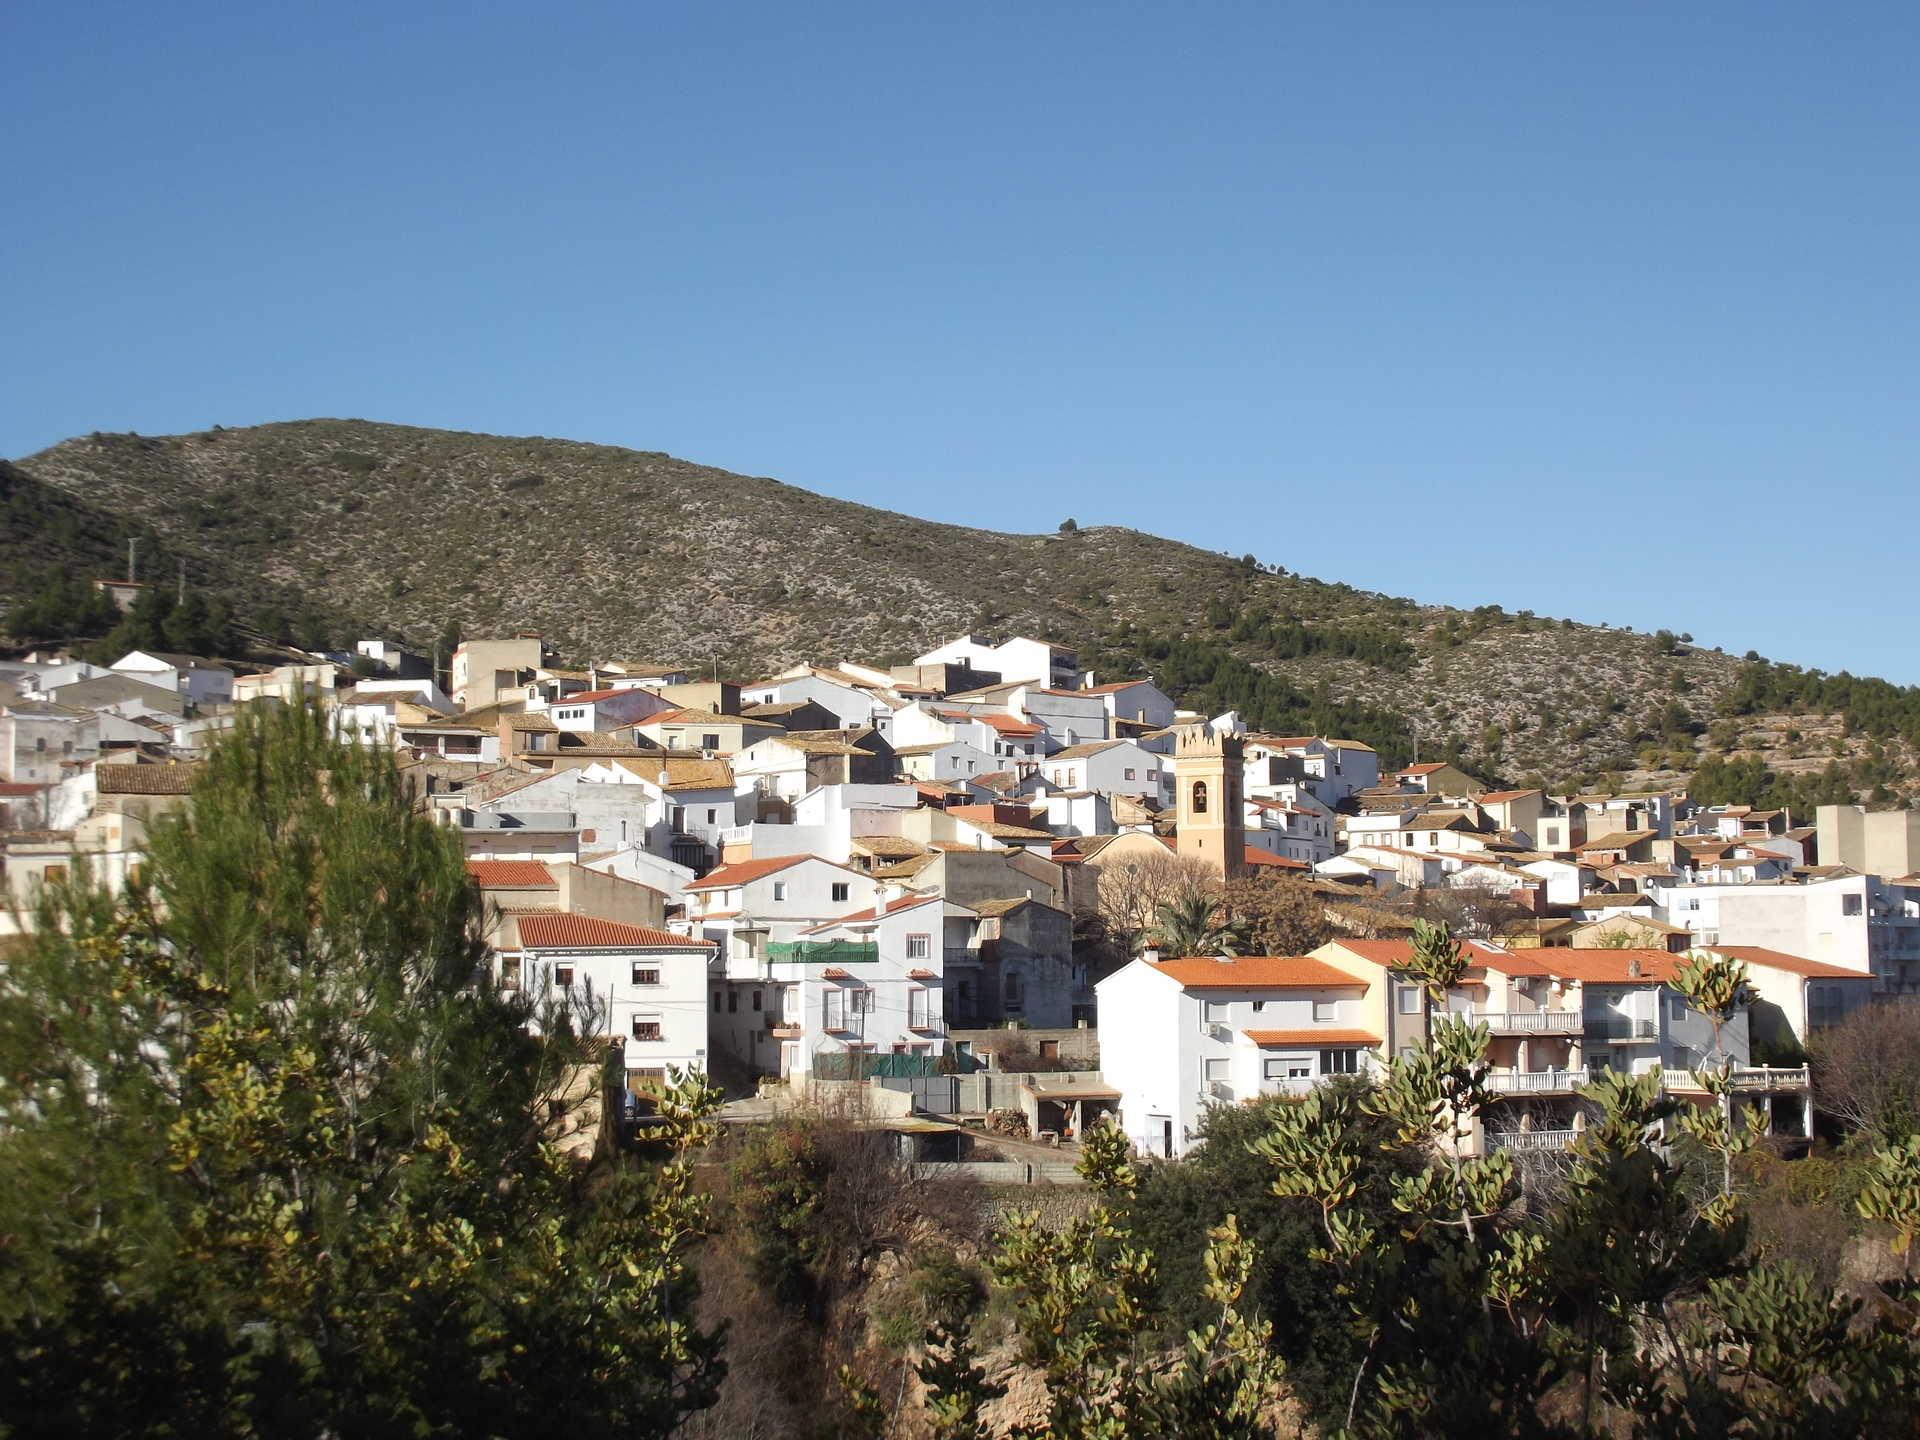 PR-CV 261 Nacimiento – Castillet - Cámaro